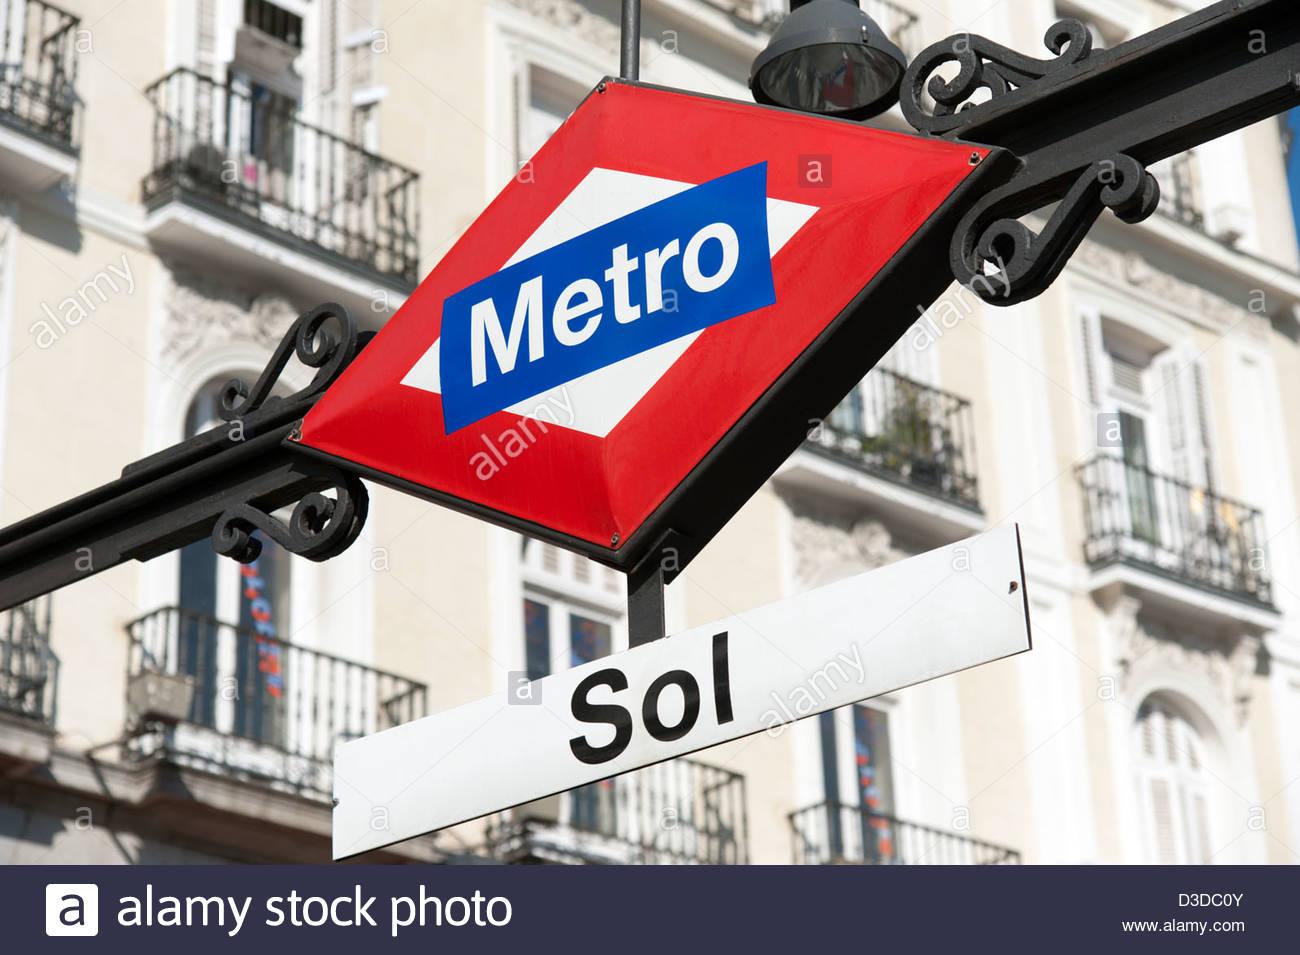 Sol u-Bahnstation Zeichen, Madrid, Spanien Stockbild